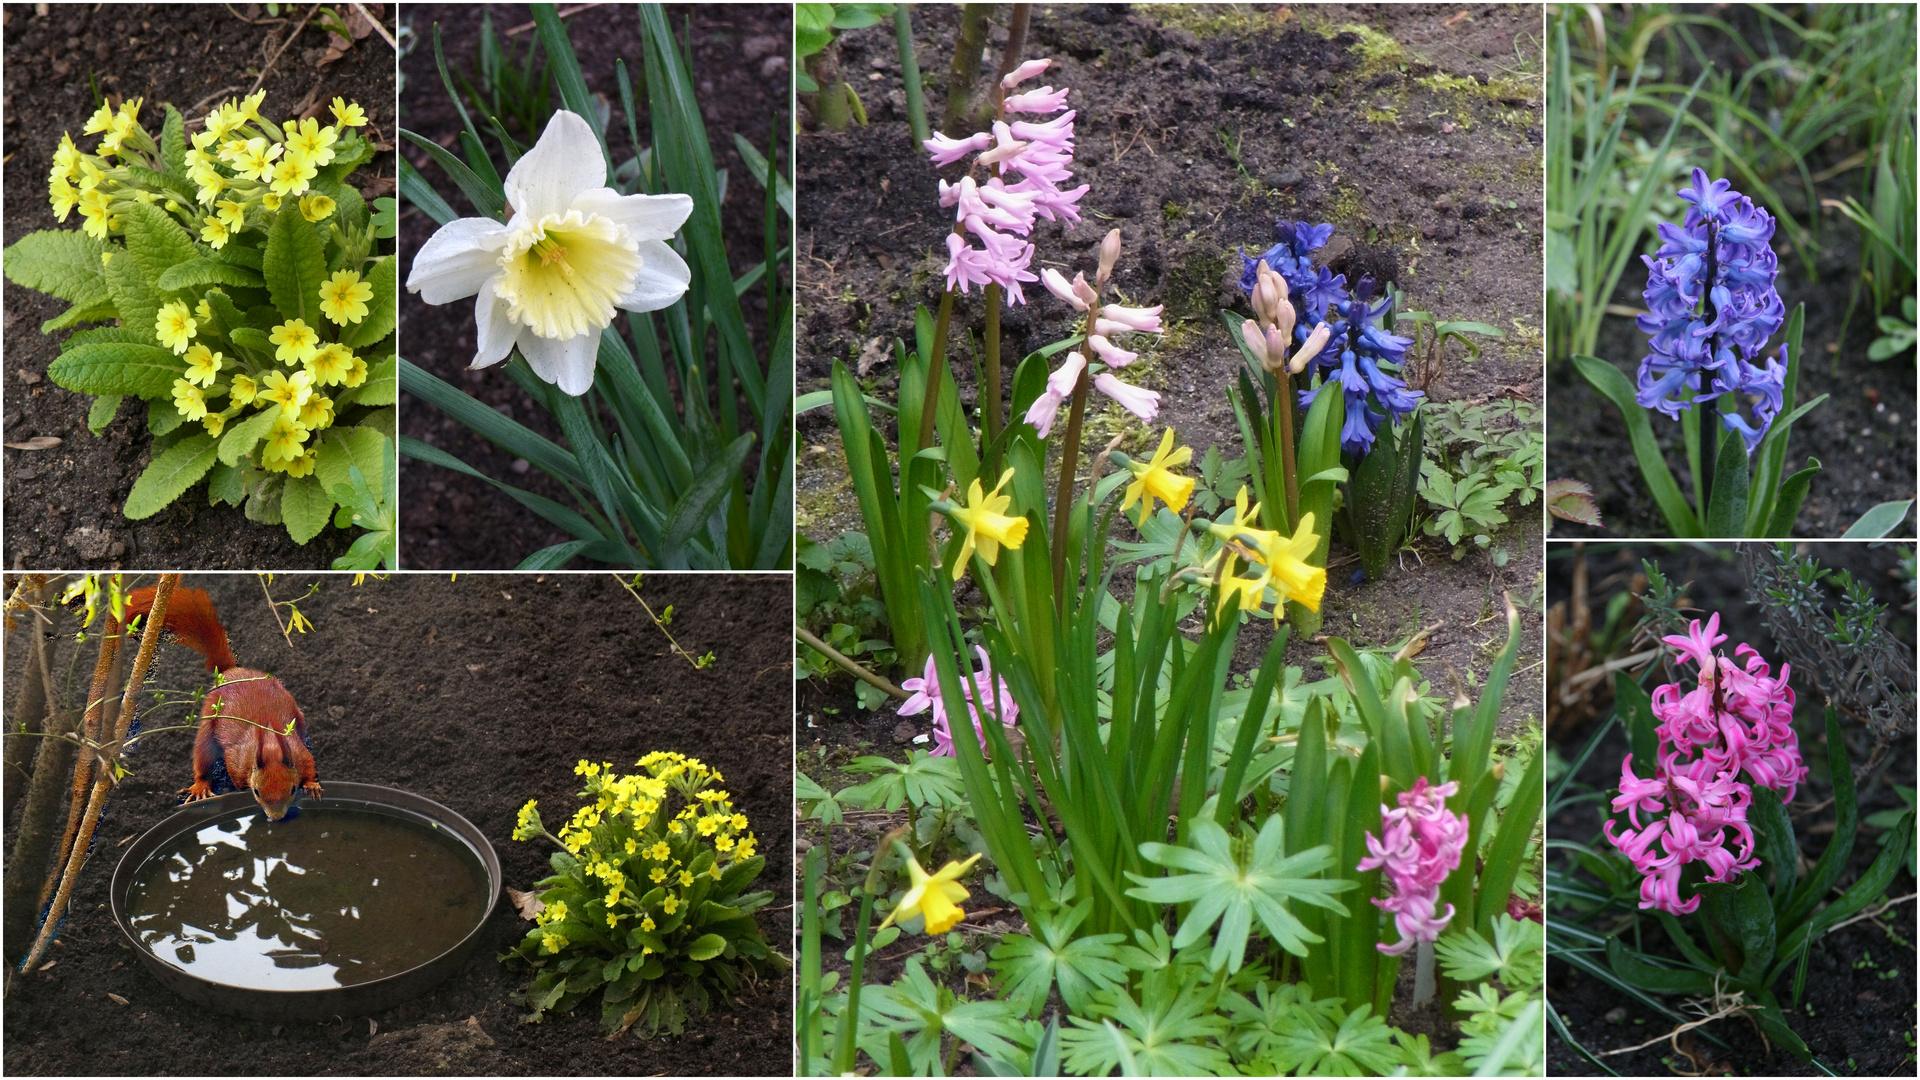 Frühling in unserem Garten 02